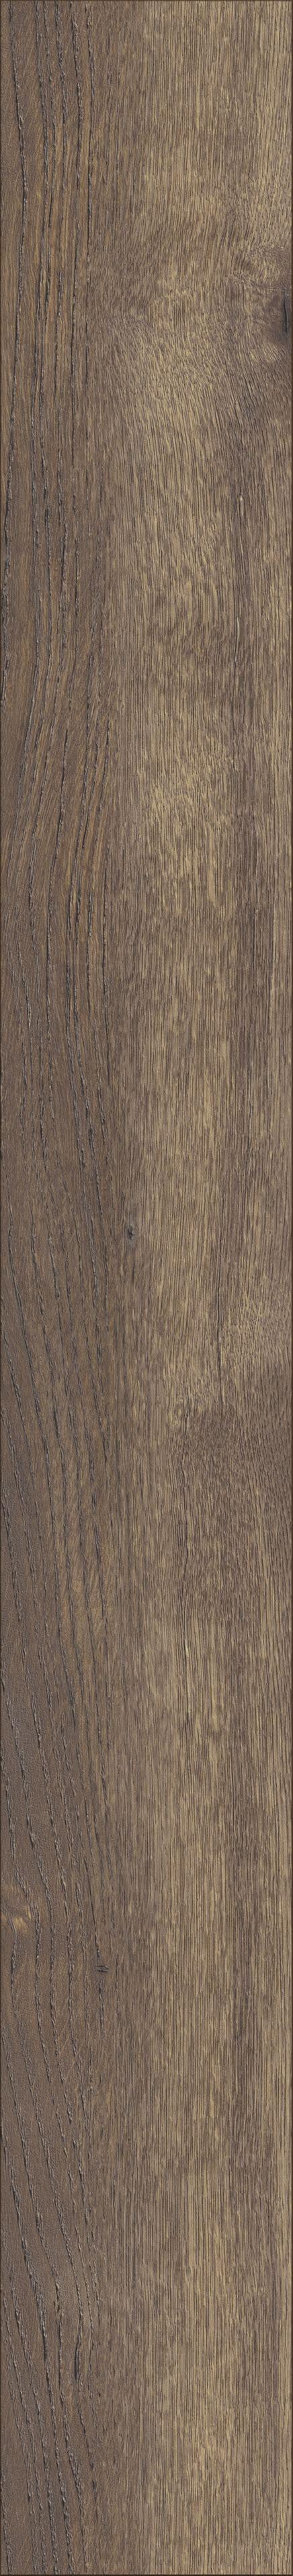 KRONOTEX EXQUISIT PLUS ? Pettersson Oak dark D 4766 from